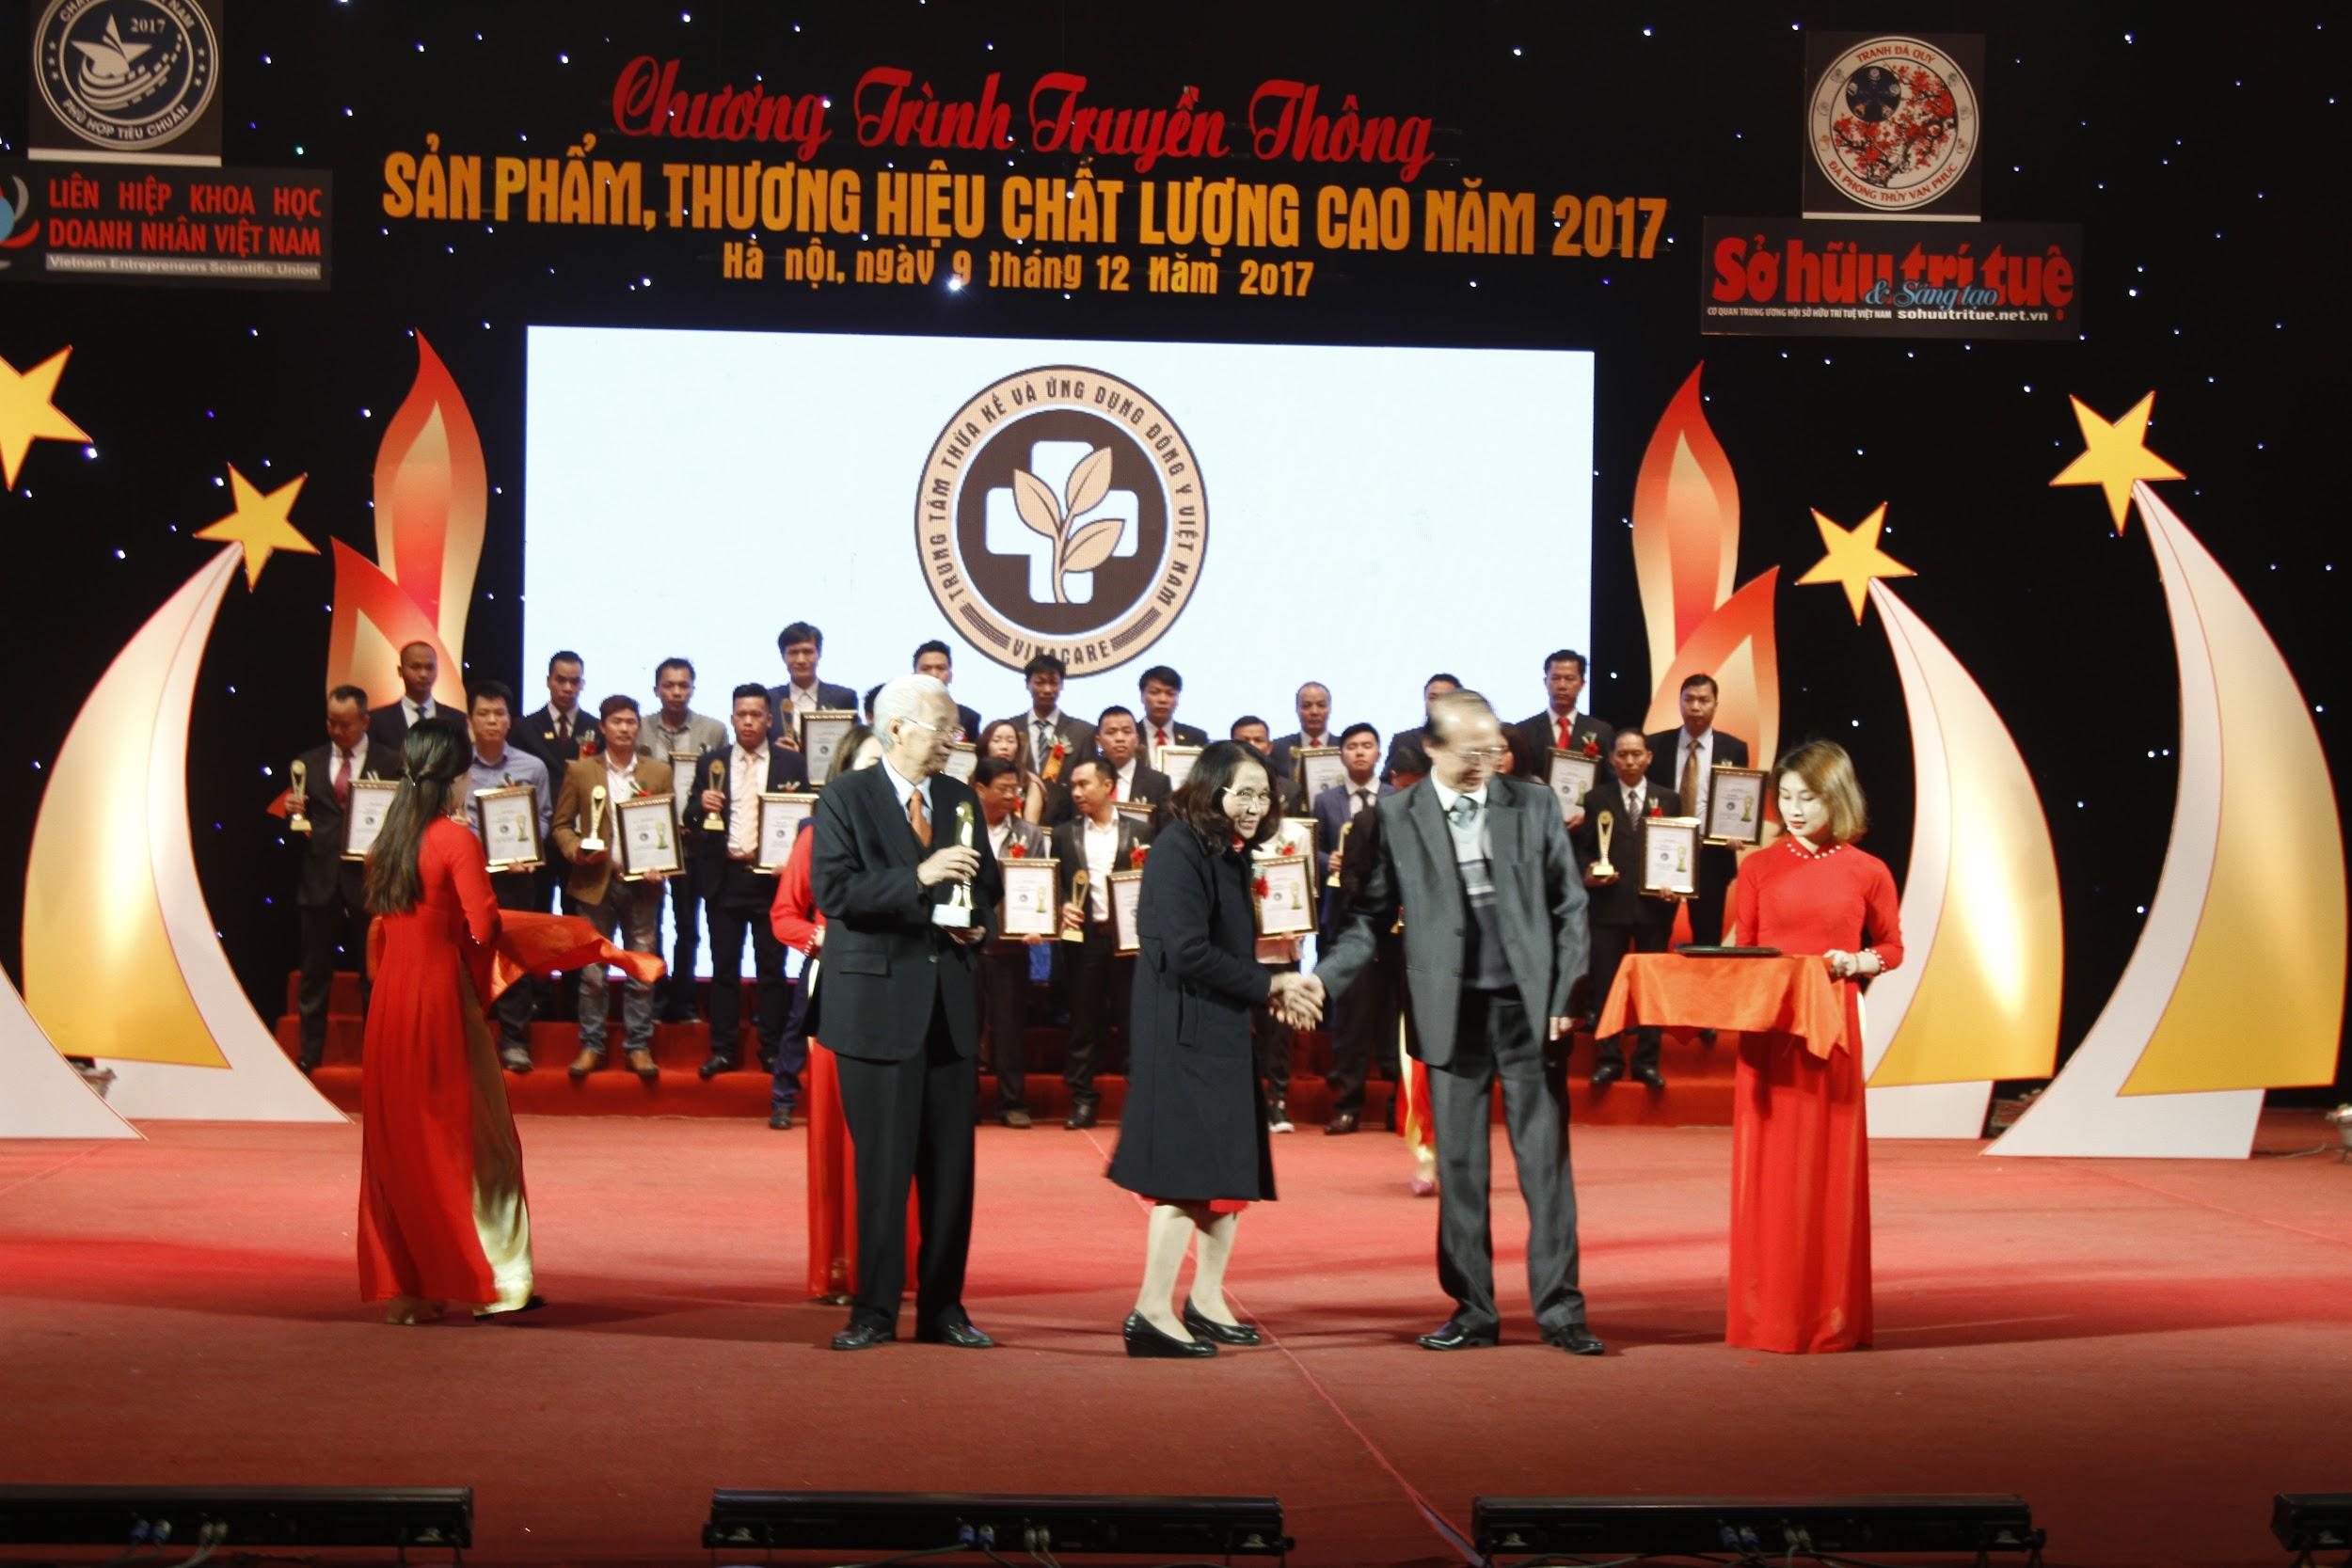 """Trung tâm thừa kế & ứng dụng Đông Y Việt Nam vinh dự đạt danh hiệu """"Cup vàng sản phẩm, thương hiệu chất lượng cao năm 2017"""" - Ảnh 1"""